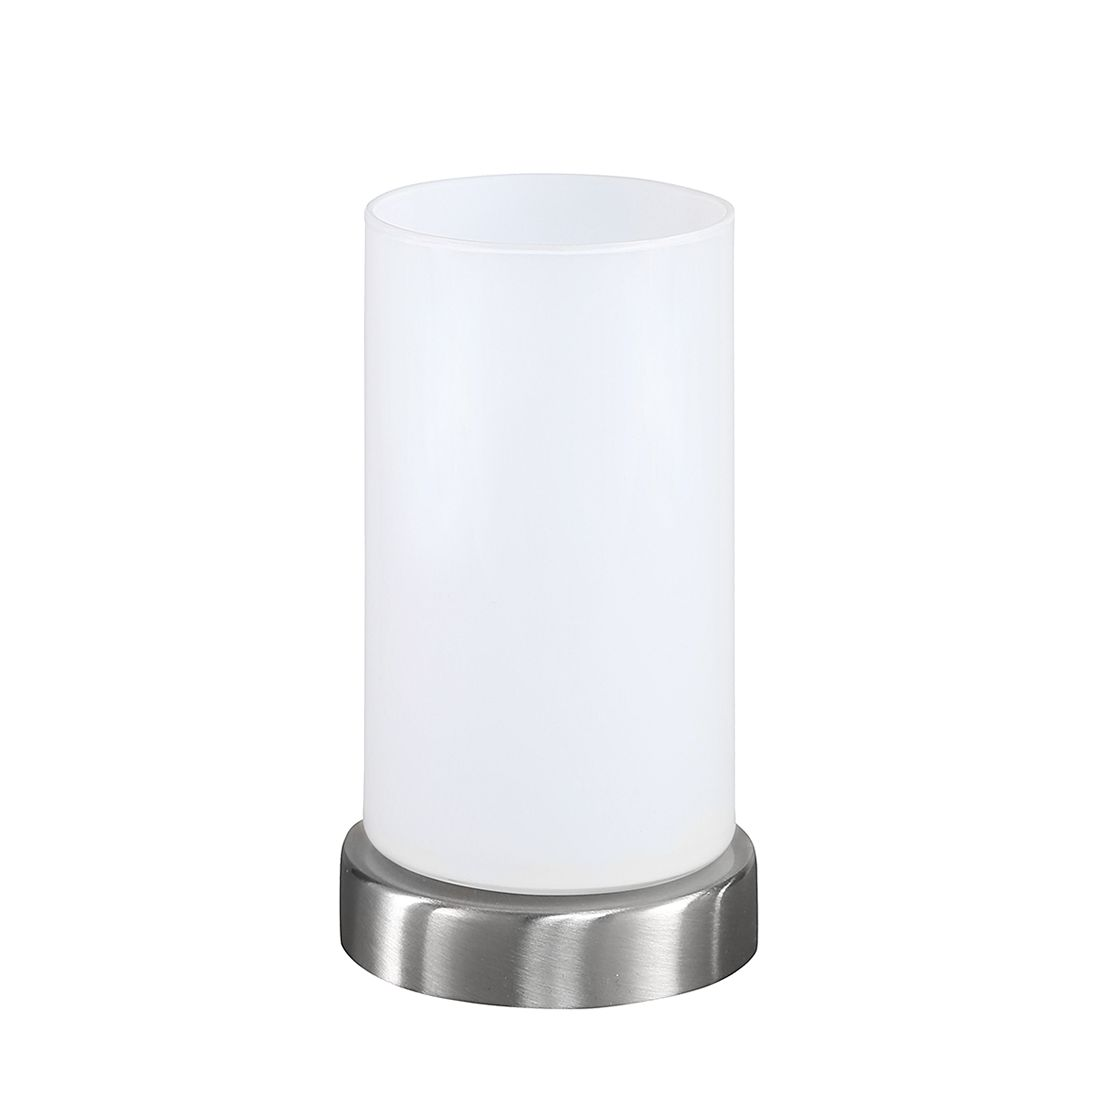 energie  A+, Tafellamp LOFT - metaal/glas 1 lichtbron, Action